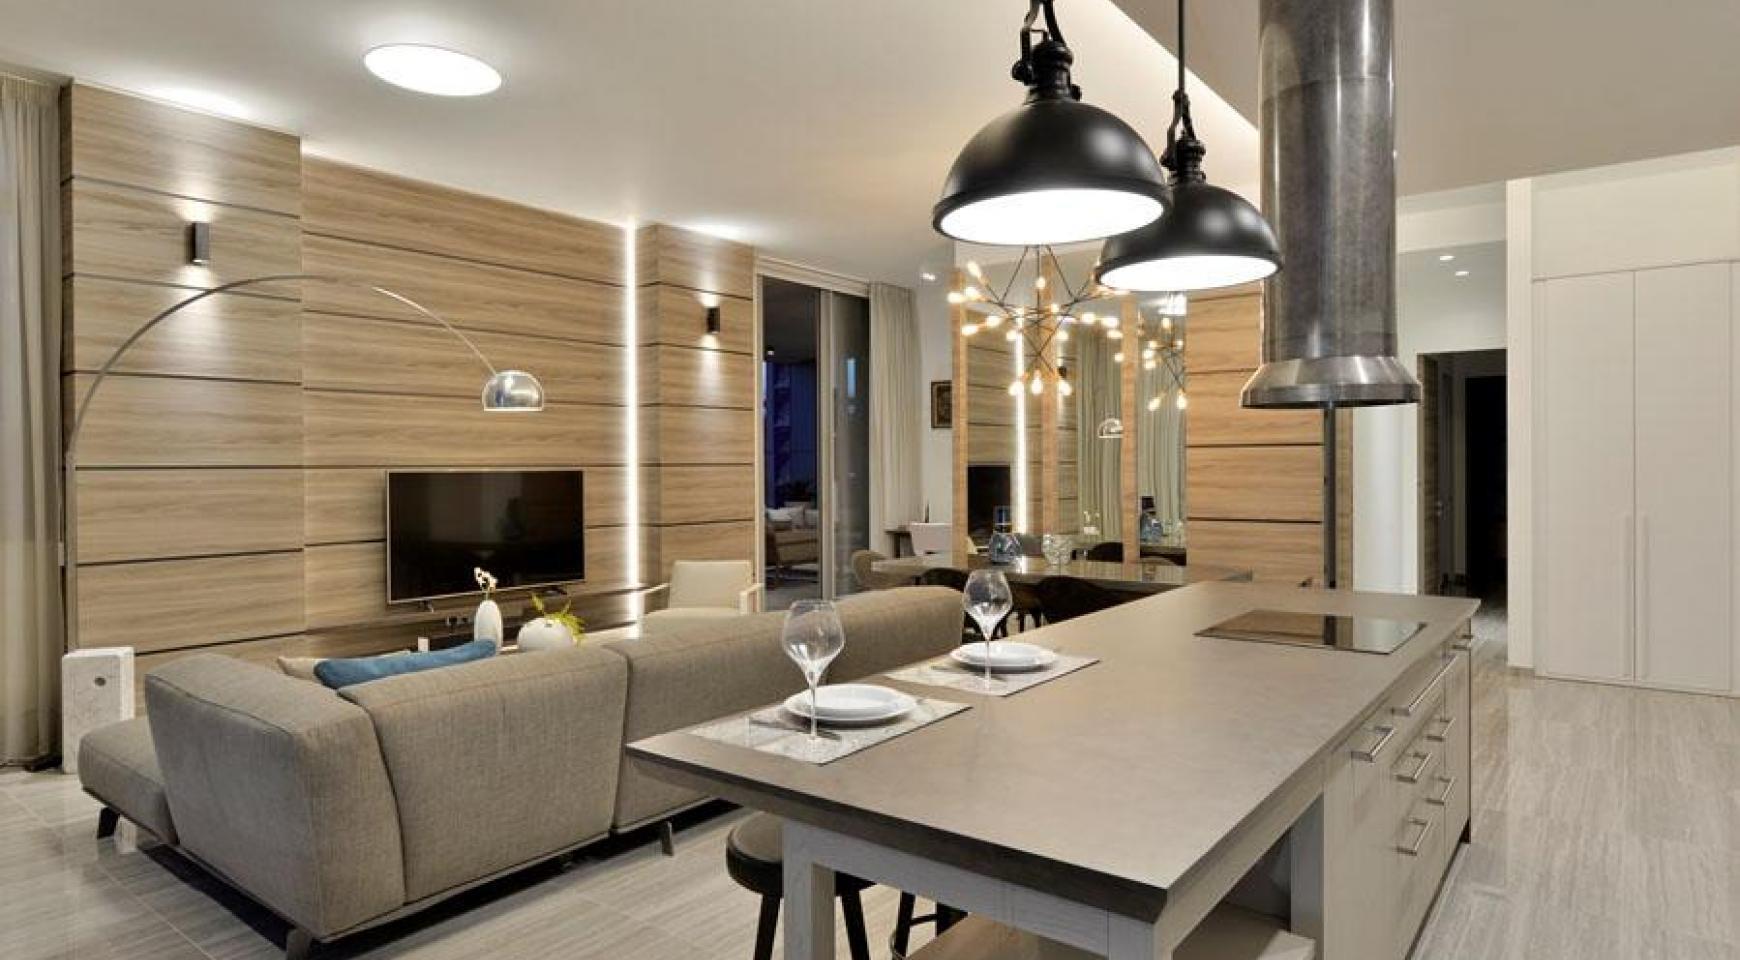 Πολυτελές διαμέρισμα 2 υπνοδωματίων με ταράτσα στο νεόδμητο συγκρότημα - 13